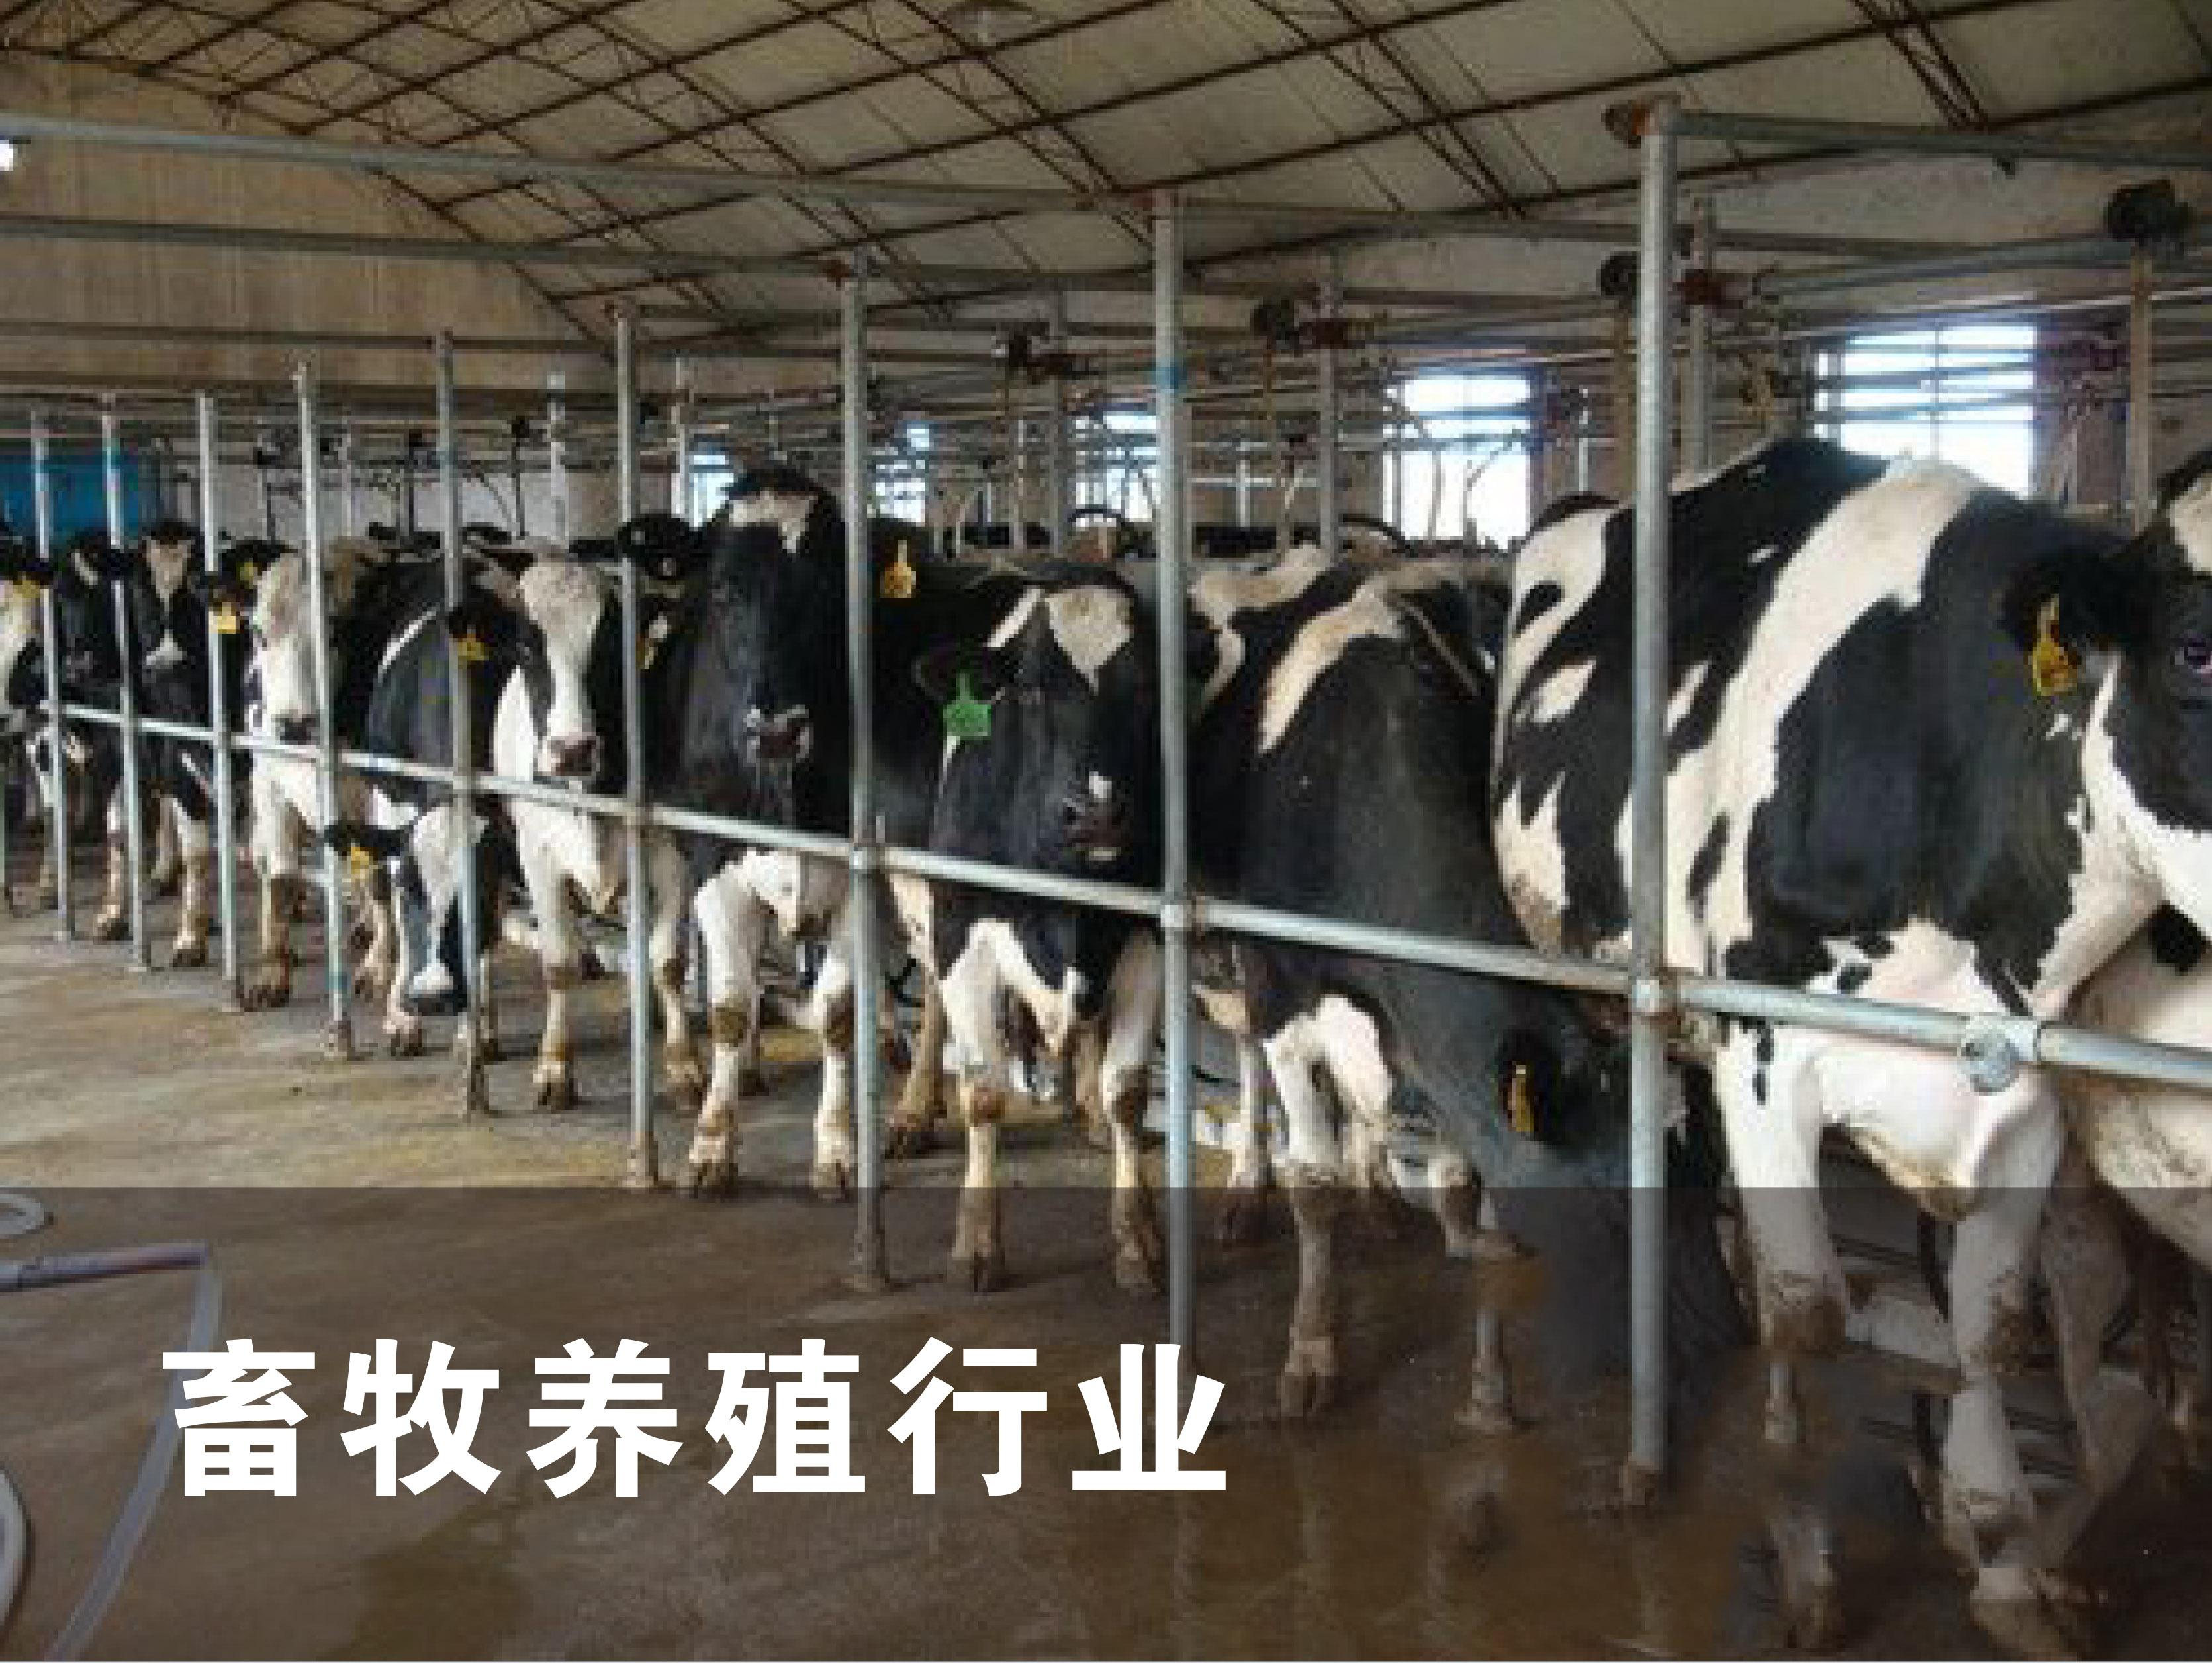 畜牧养殖行业